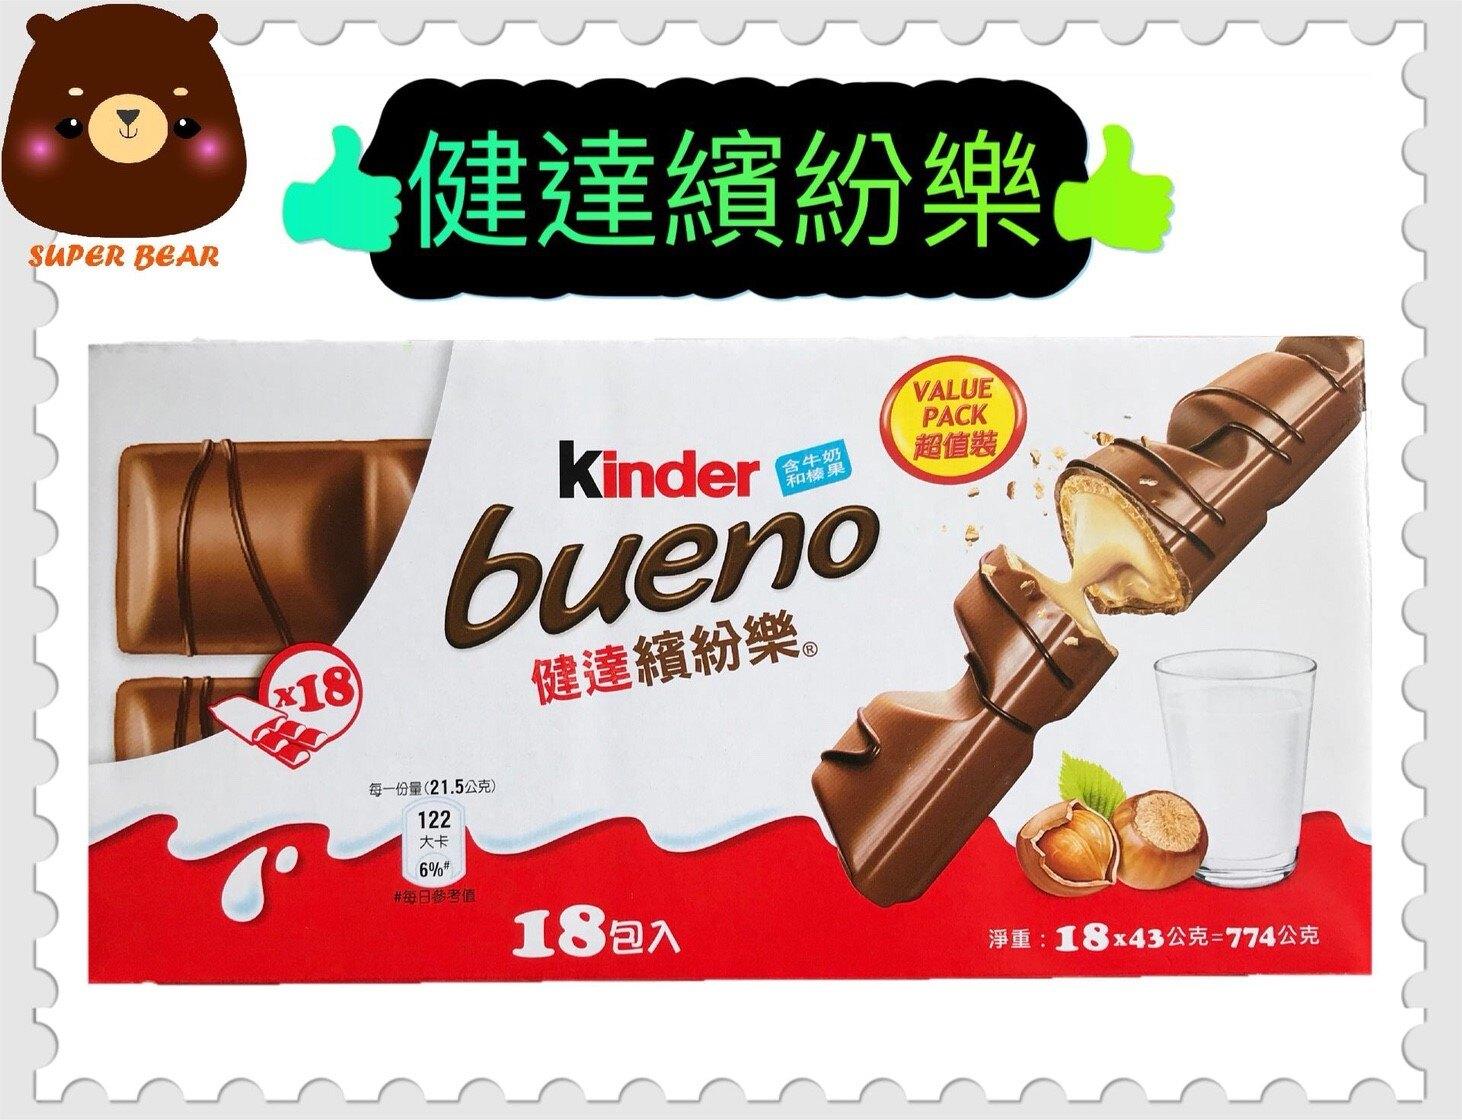 Kinder bueno 健達 繽紛樂 18包入 巧克力 牛奶巧克力 榛果 榛果醬 榛果仁